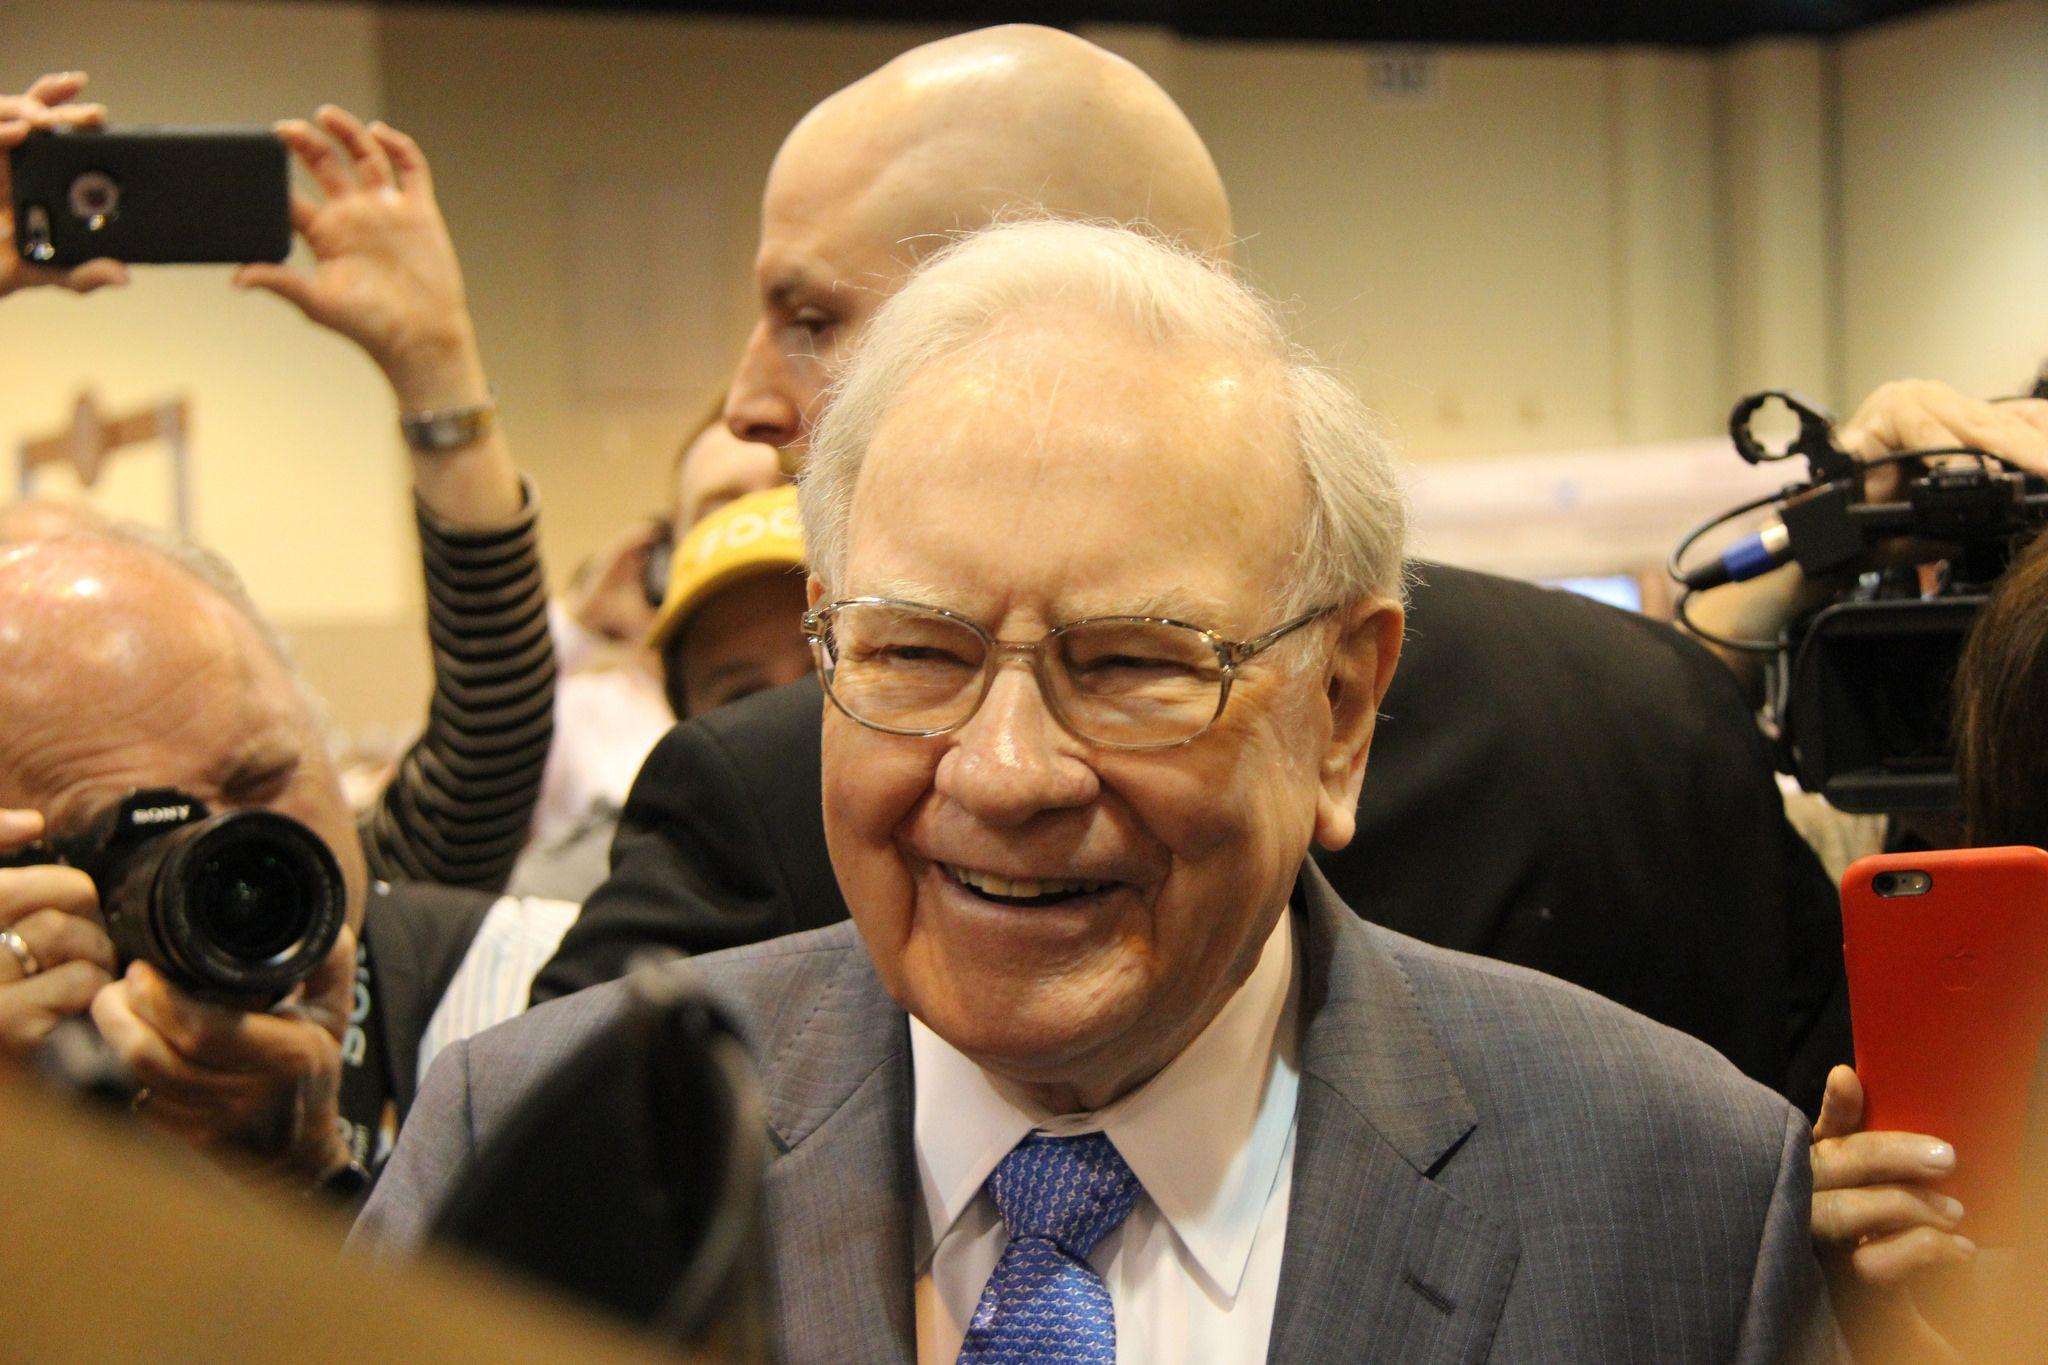 Warren Buffett speaking with media.